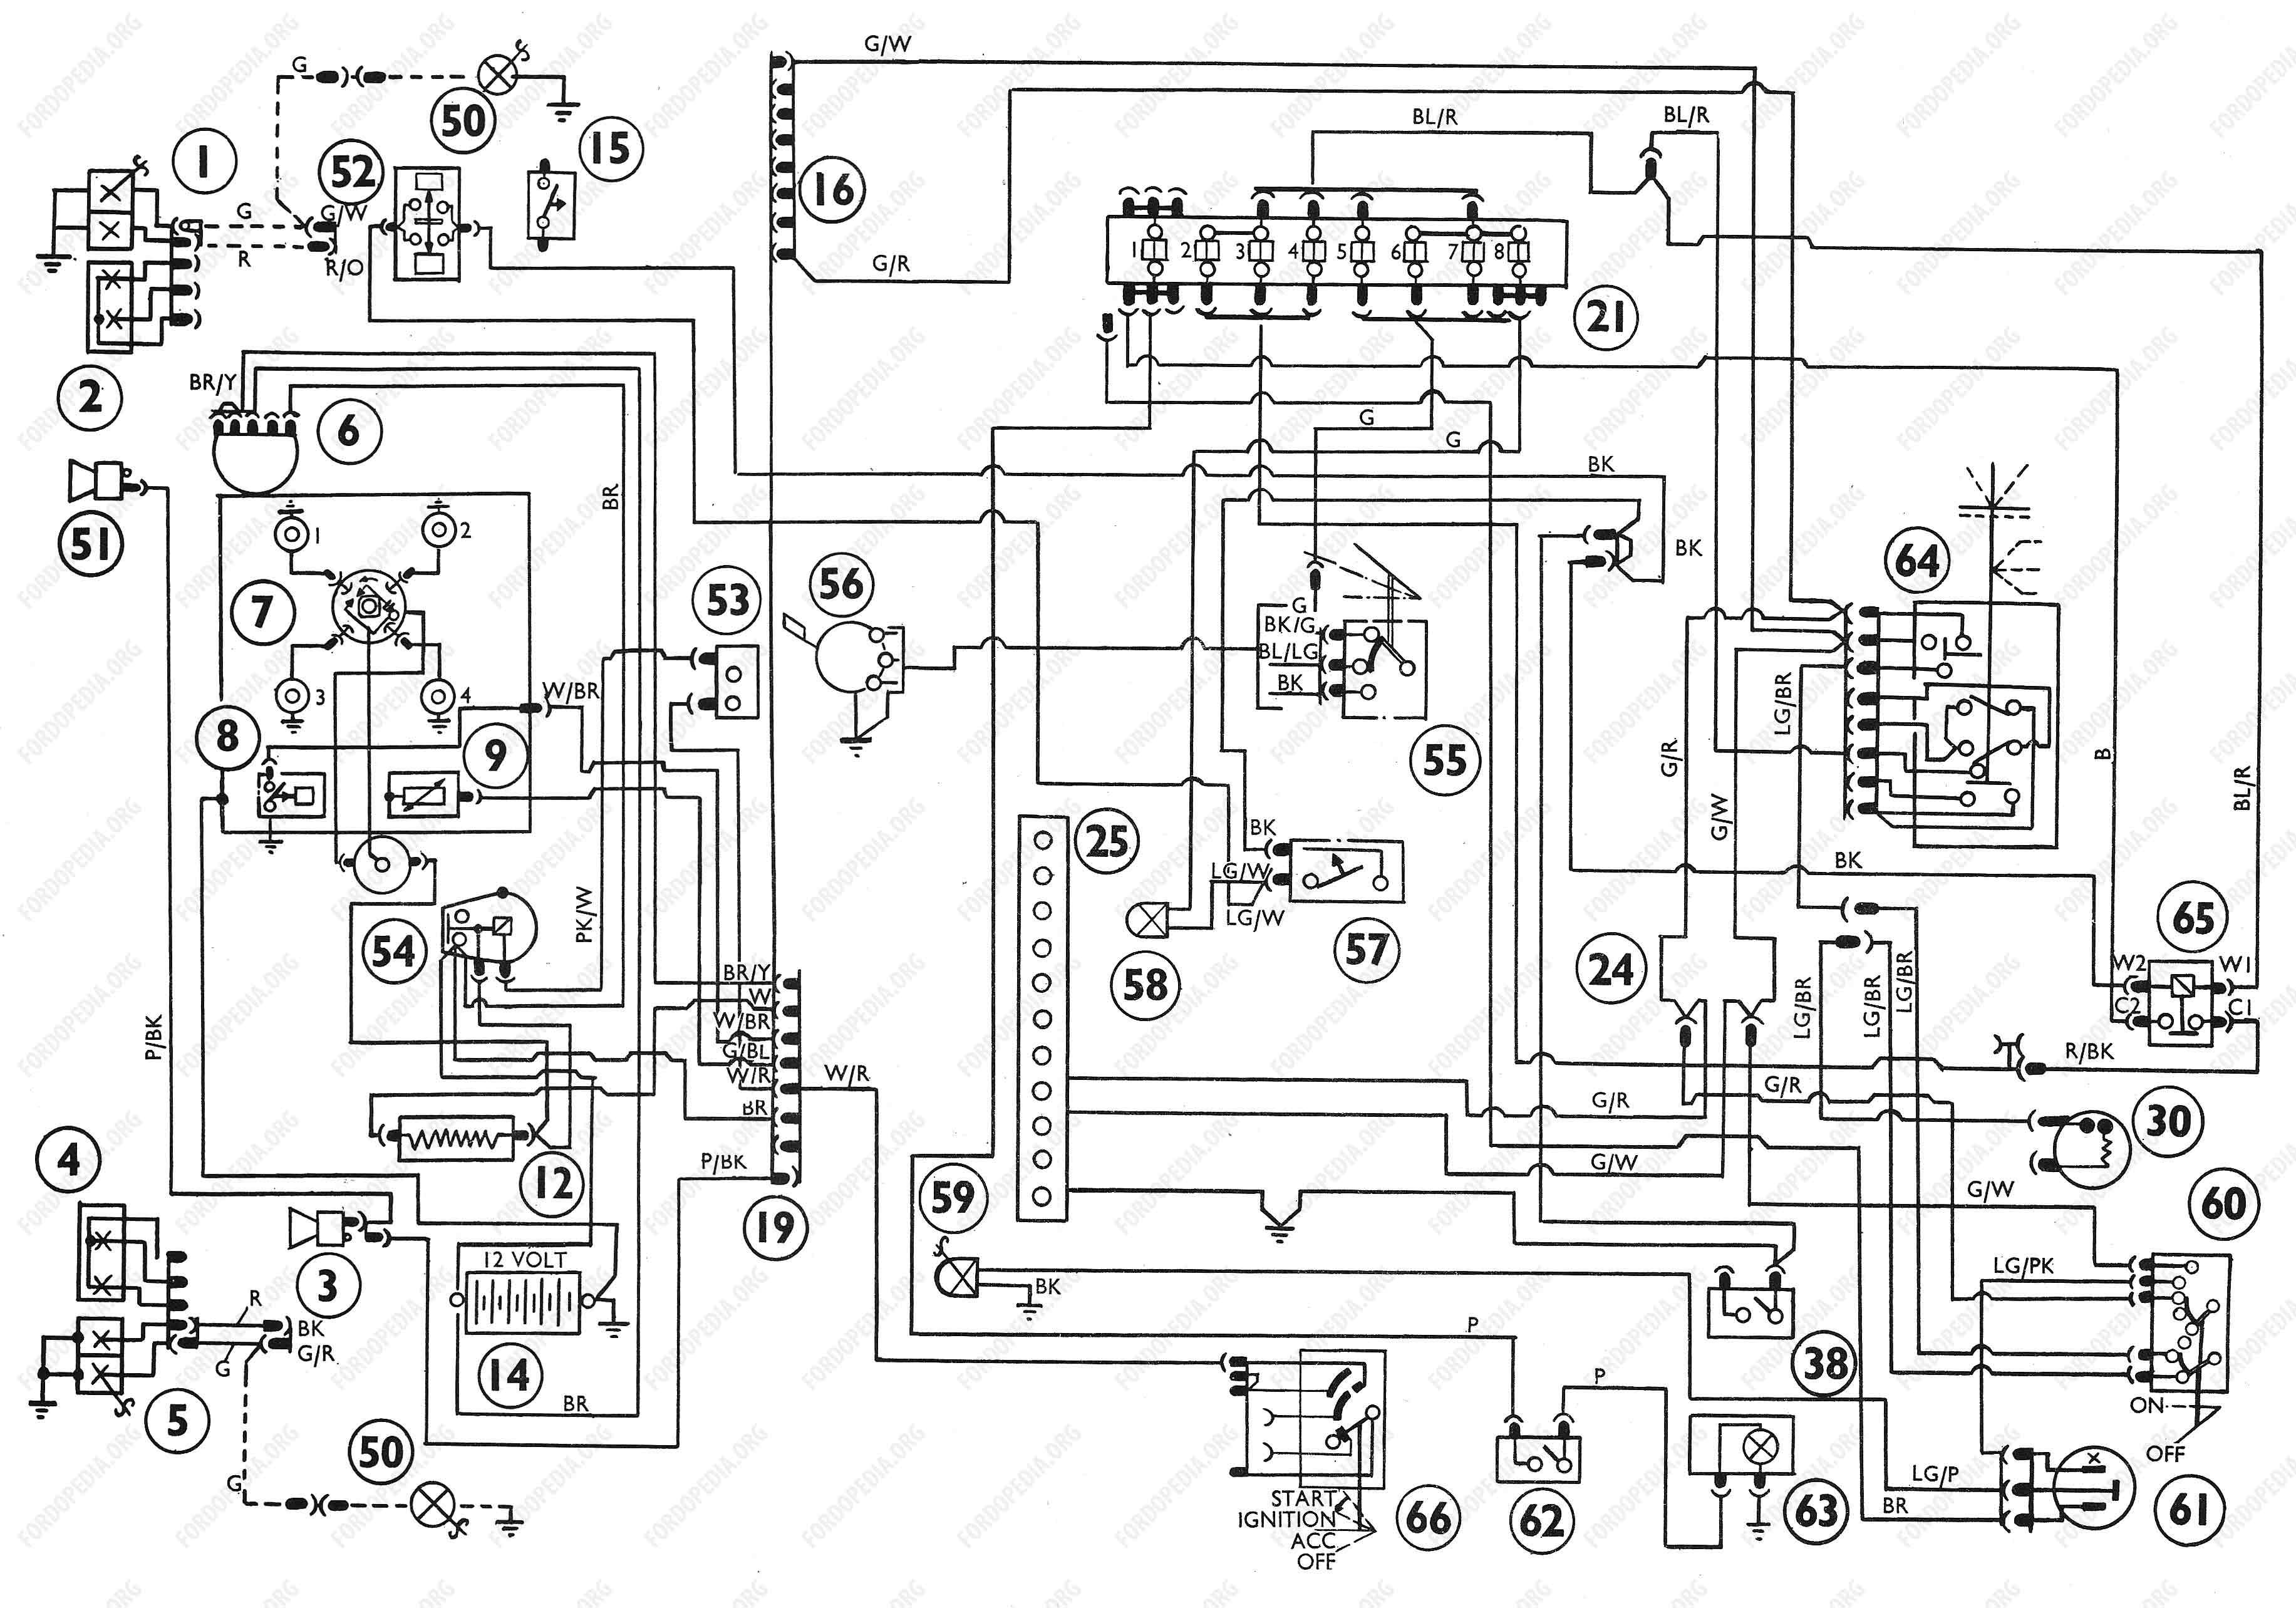 ford transit wiring diagram download data wiring diagramFord Transit Connect 18d Tdci Schematics Auto Repair Manual Forum #8